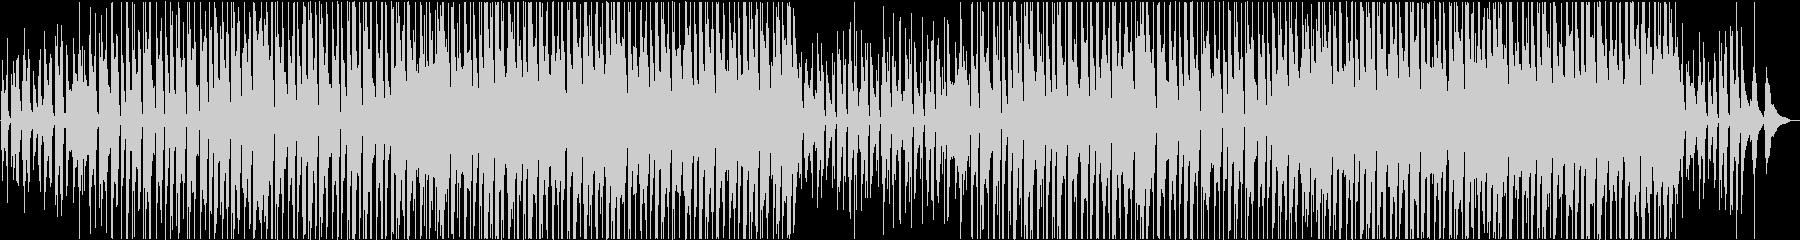 幸せな明るいフォークミュージックの未再生の波形